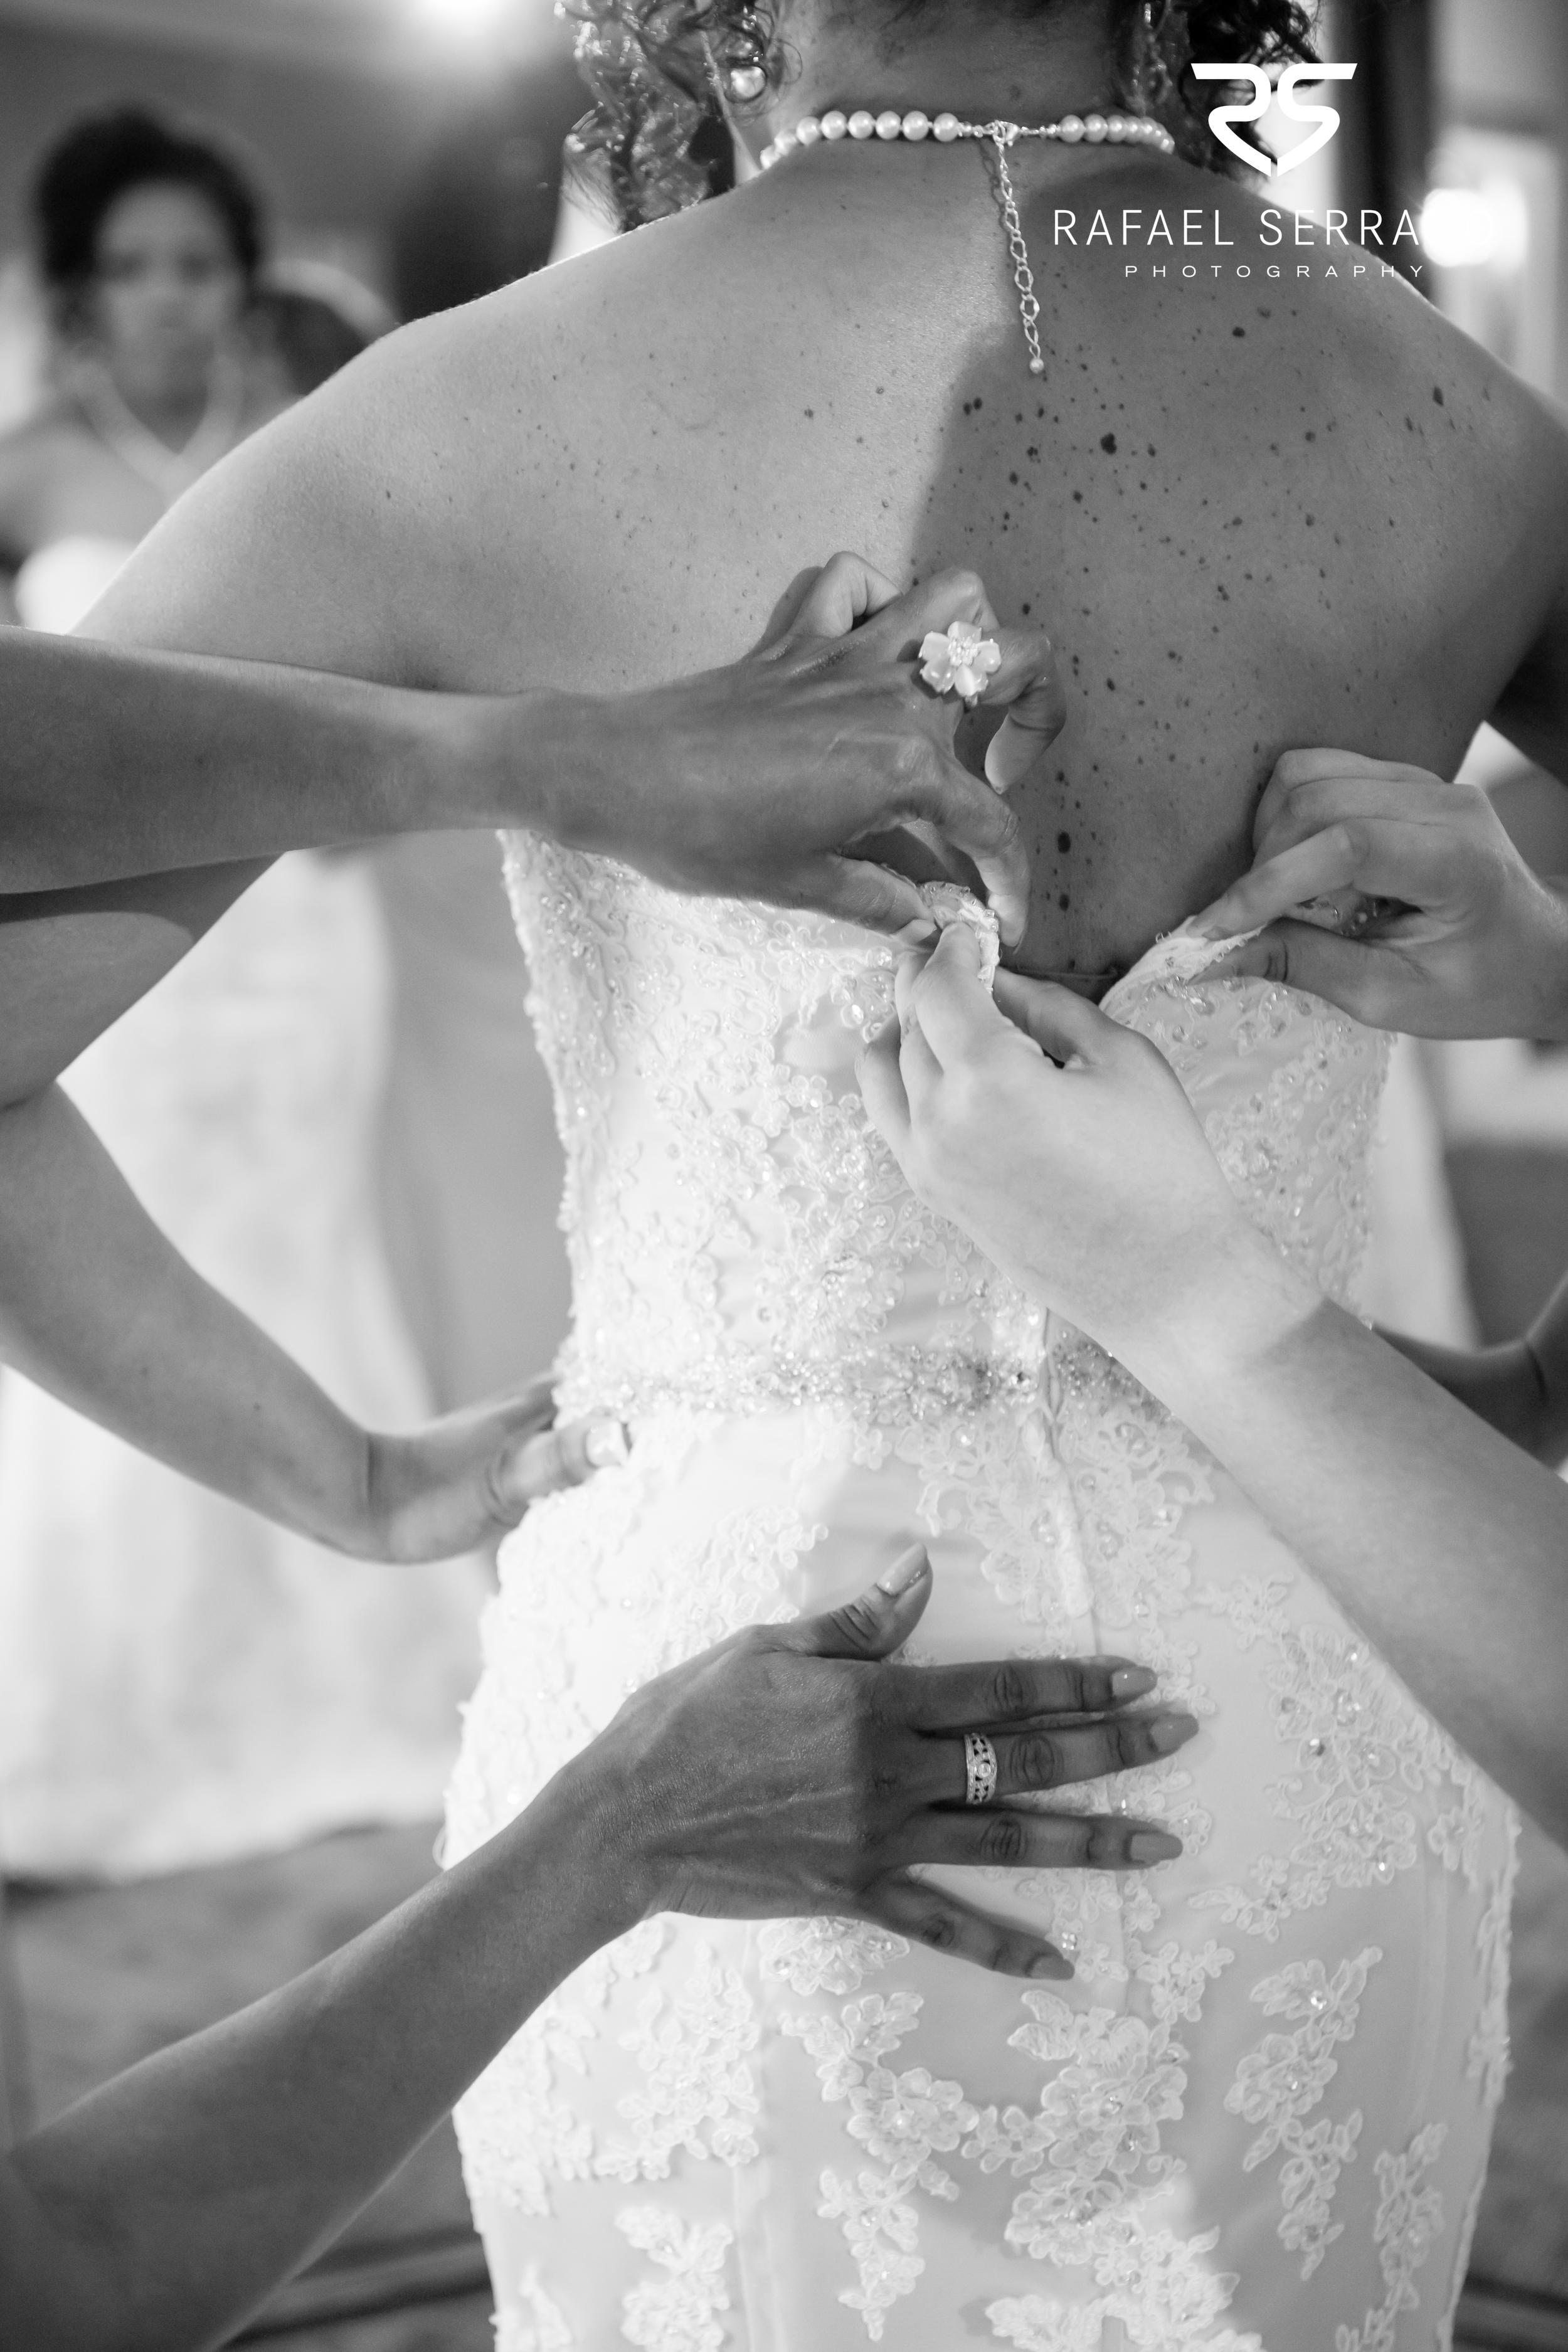 Piazzainthevillagewedding2016015.jpg